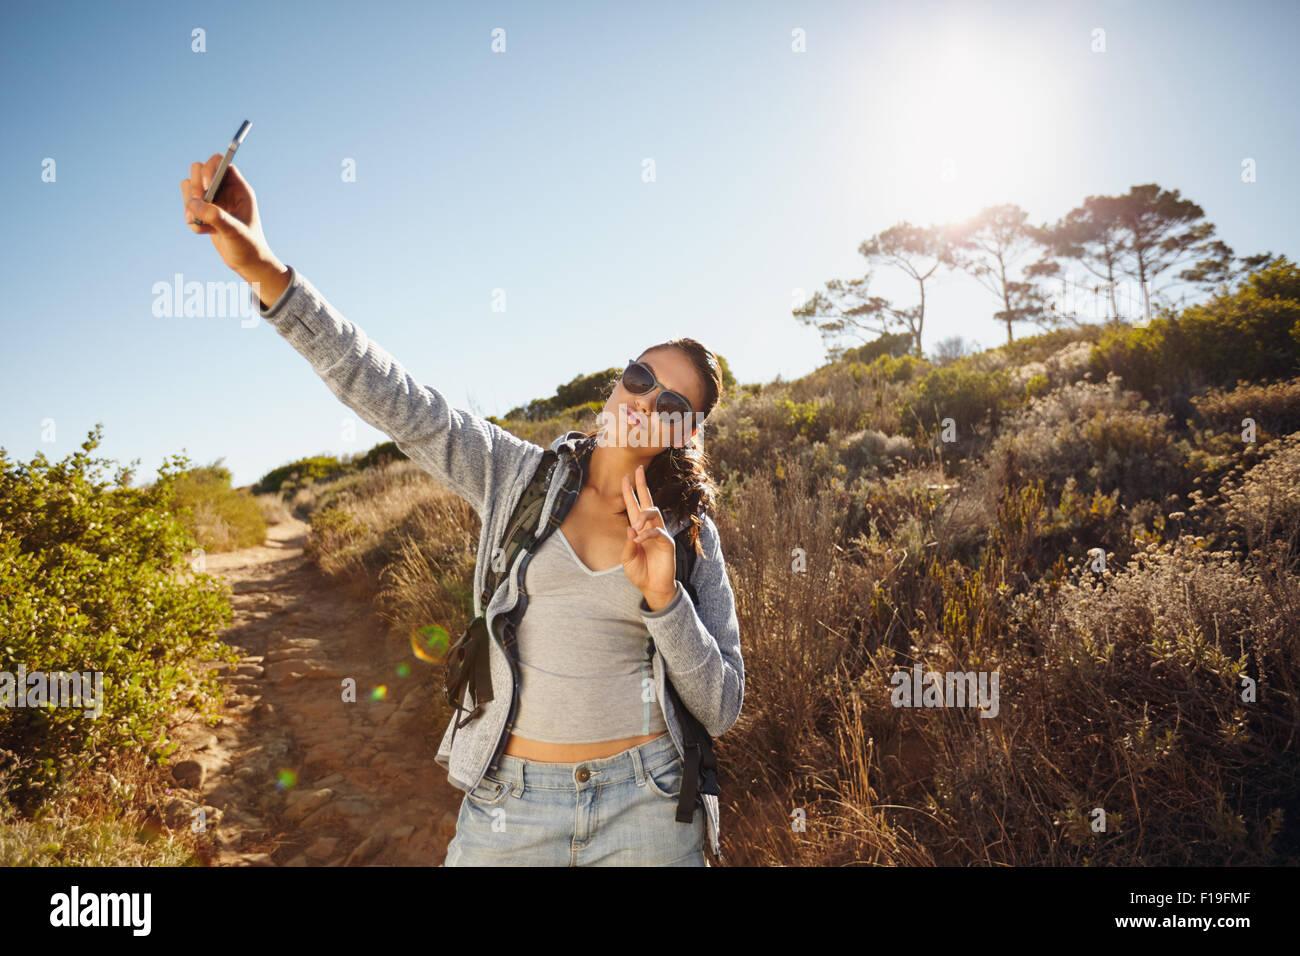 Glücklich und voller Energie junge Frau, die ein Selbstporträt. Sie hält das Handy Kamera hohe posieren Stockbild